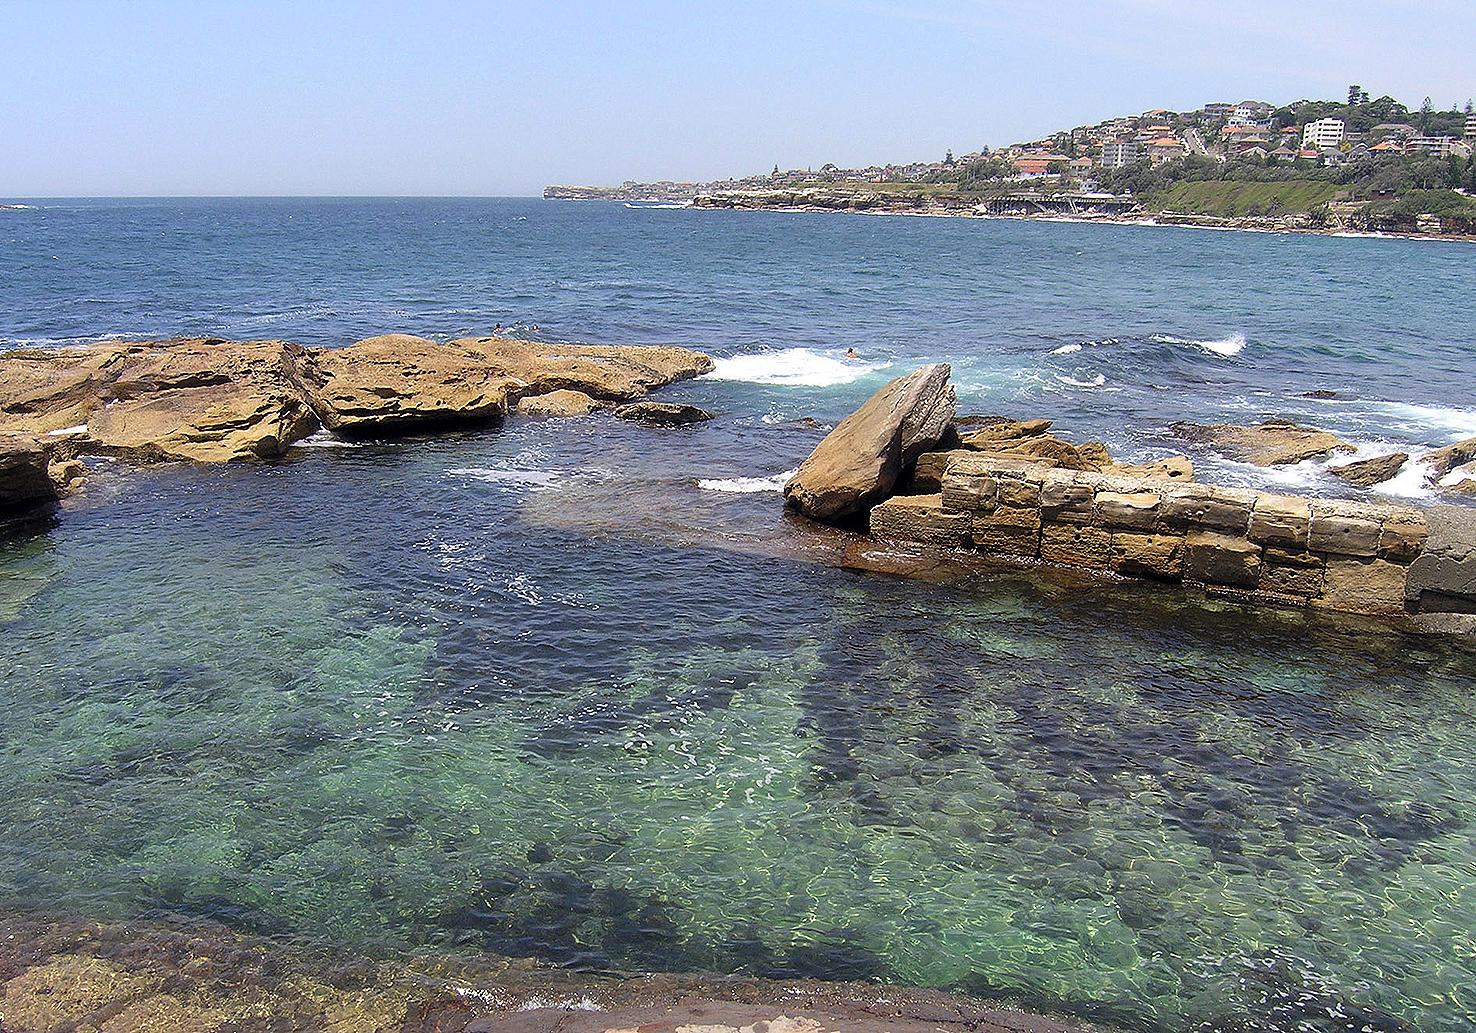 Coogee rock pool